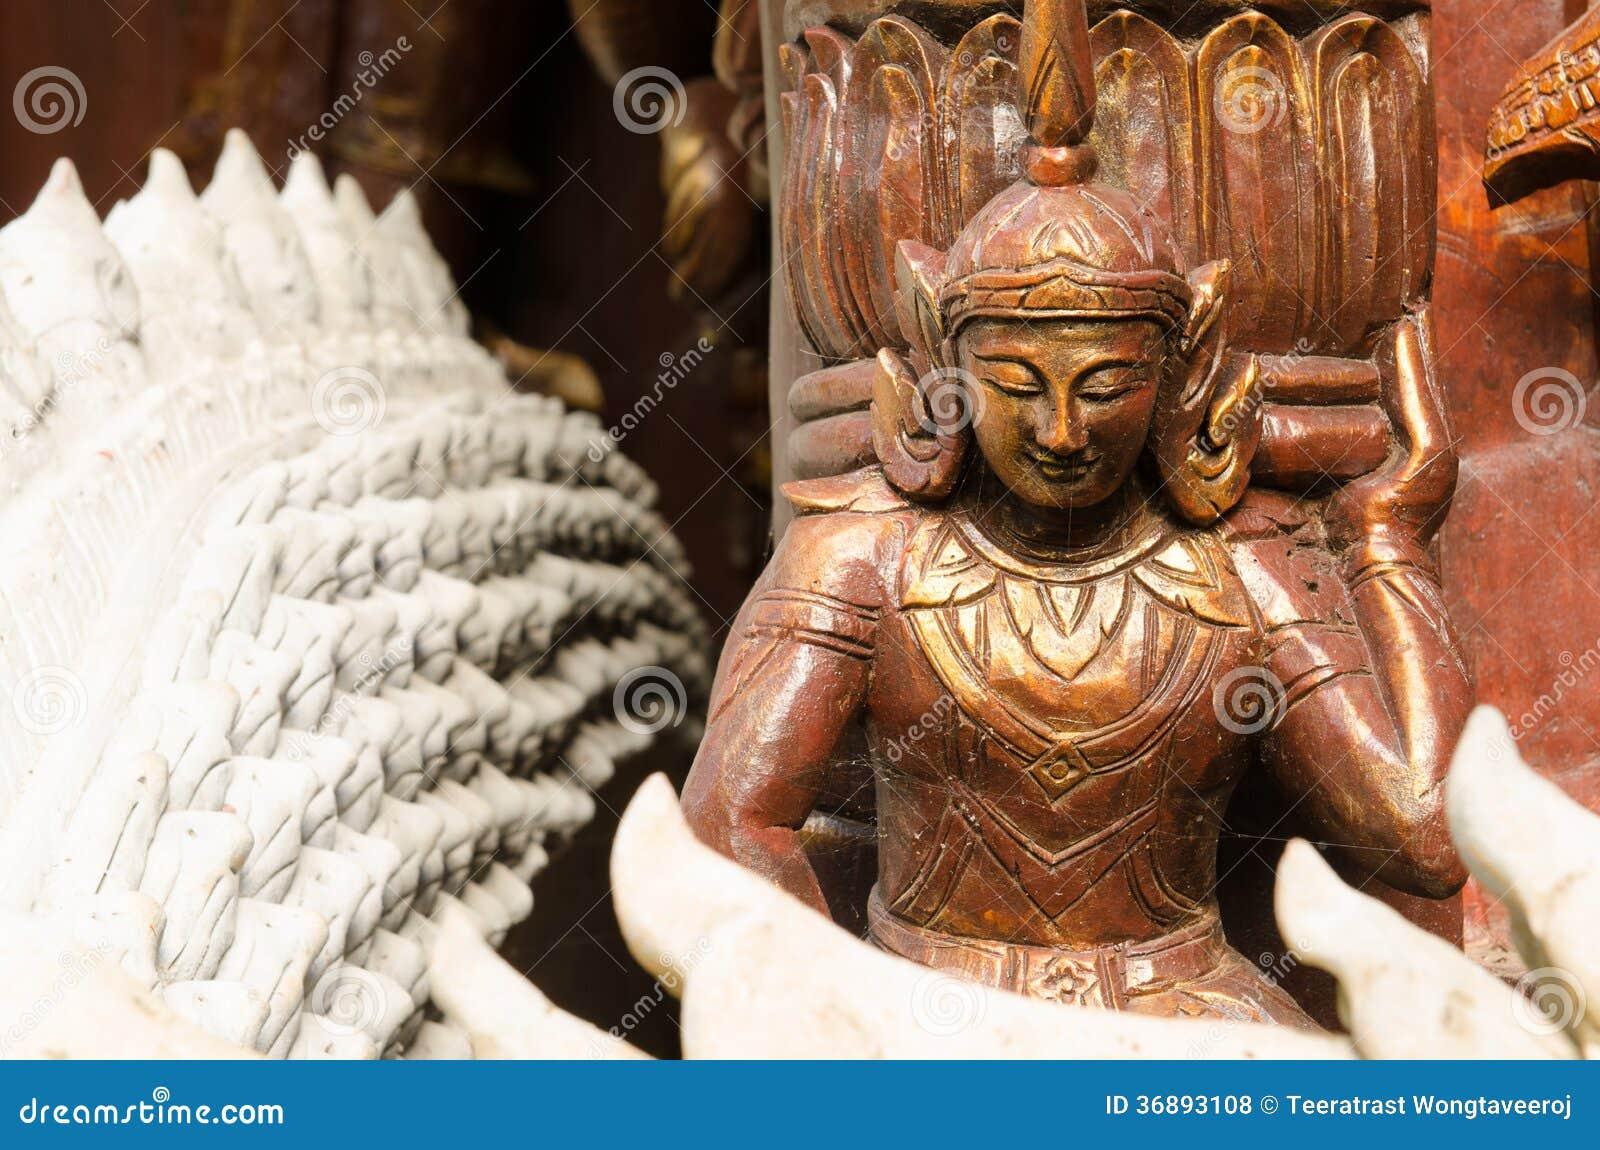 Download Statua Di Legno Di Angelo Nel Tempio Fotografia Stock - Immagine di architettura, religione: 36893108